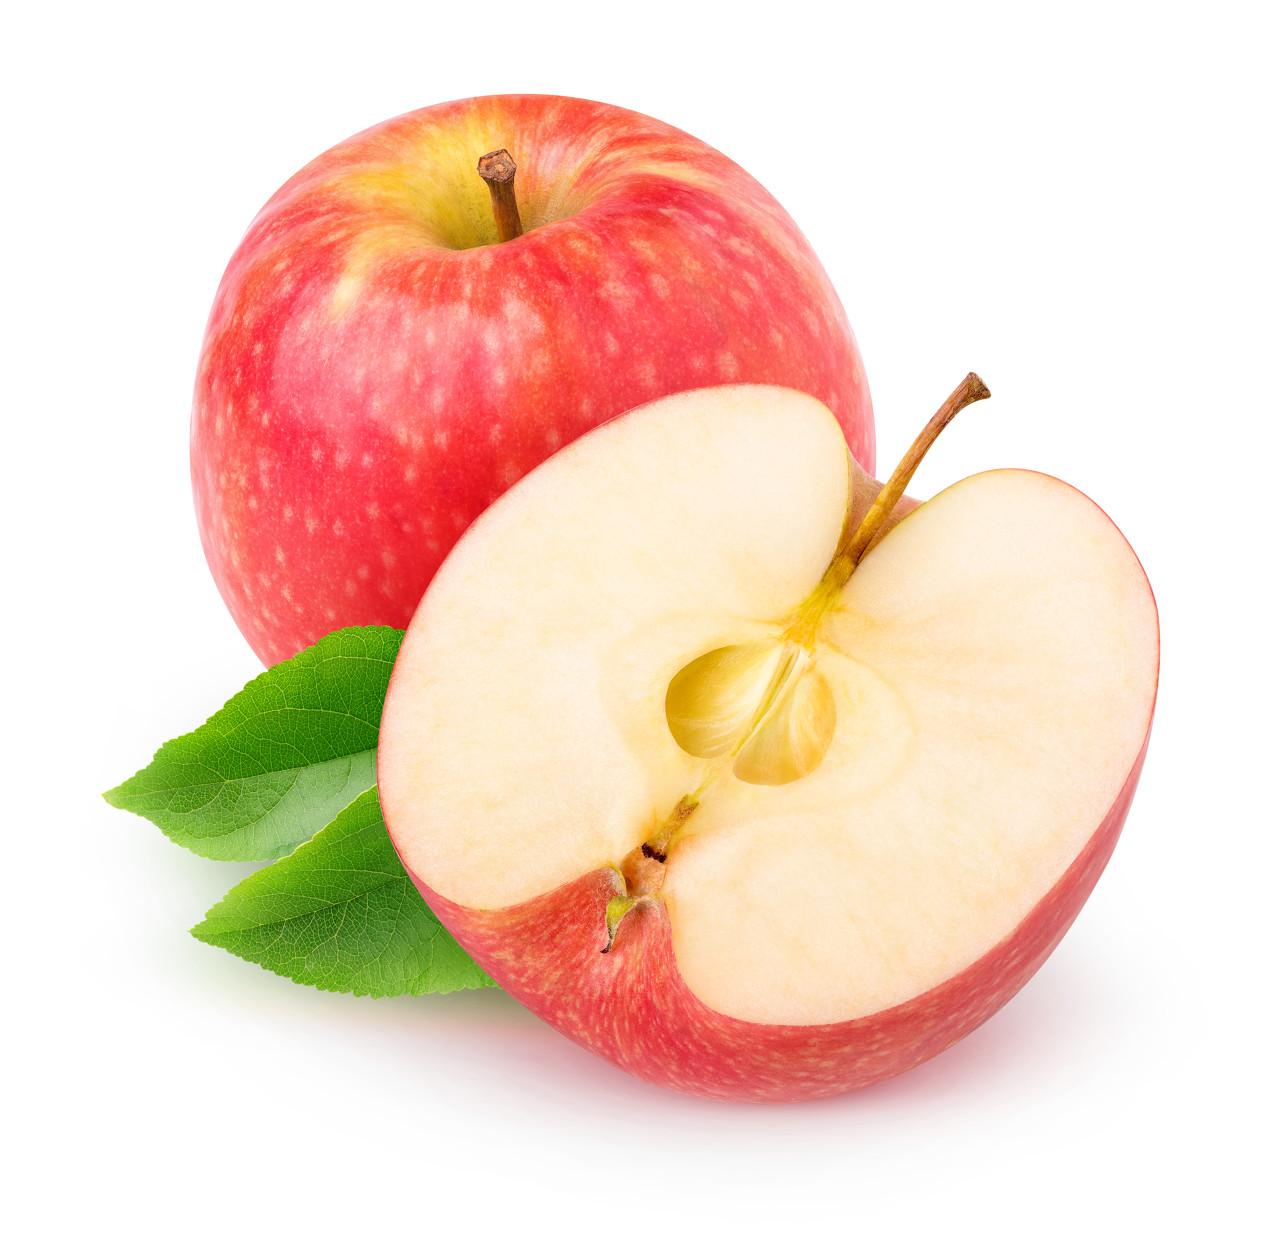 04月29日今日蘋果多少錢一斤_最新蘋果價格行情查詢